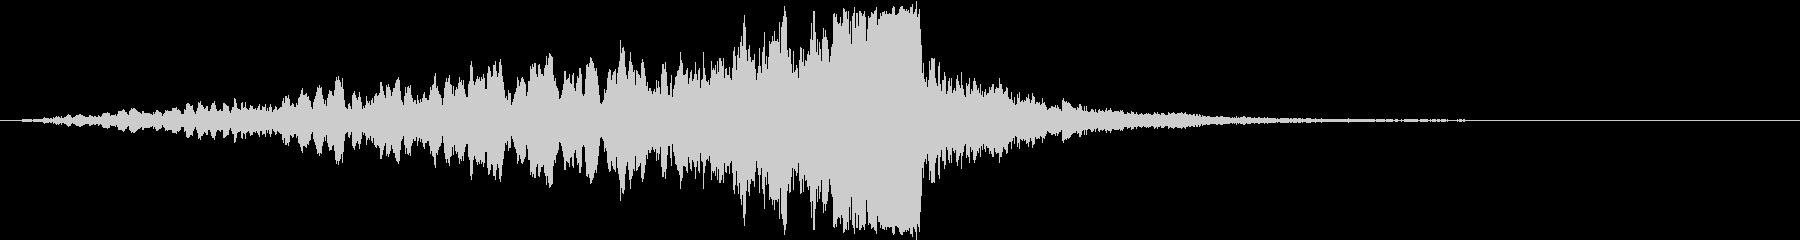 【シーン切替】ダークシネマサウンド_01の未再生の波形